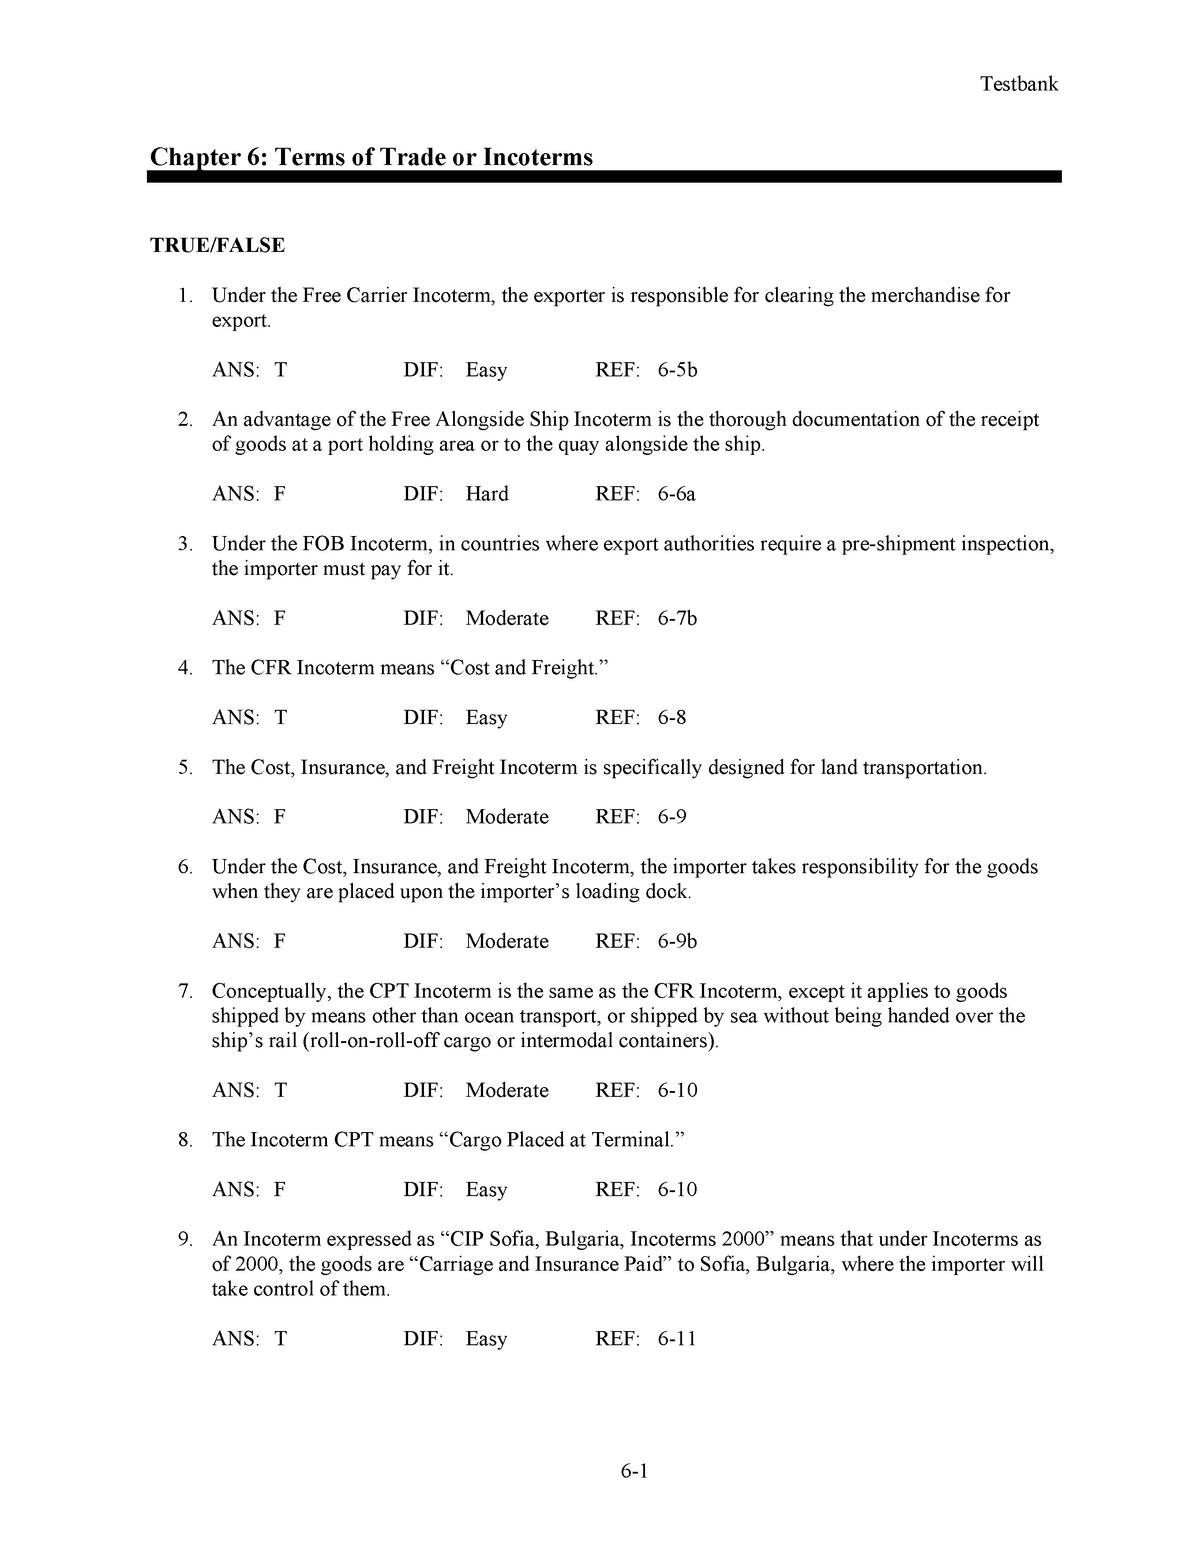 David IL3e TB Ch06 - MKT 764 - MSU - StuDocu